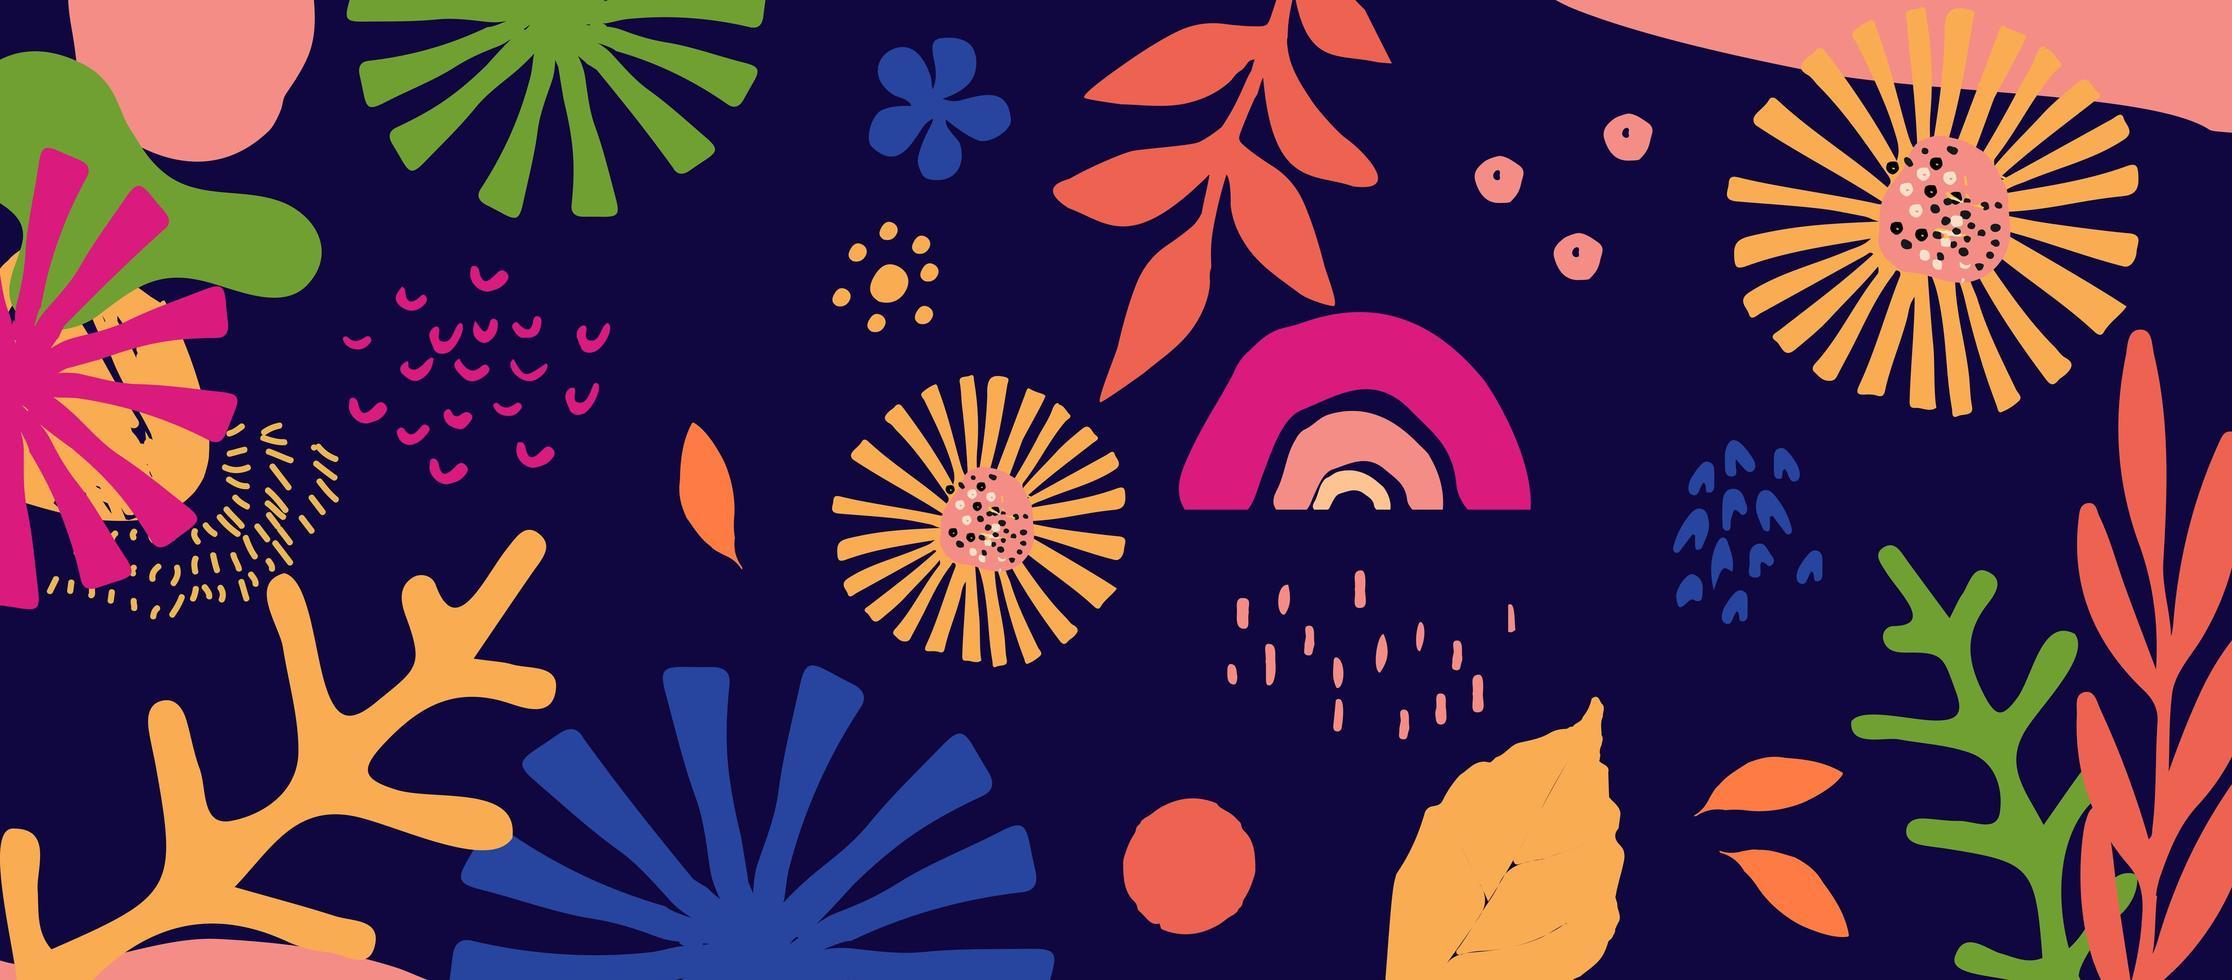 kleurrijke bladeren en bloemen vector